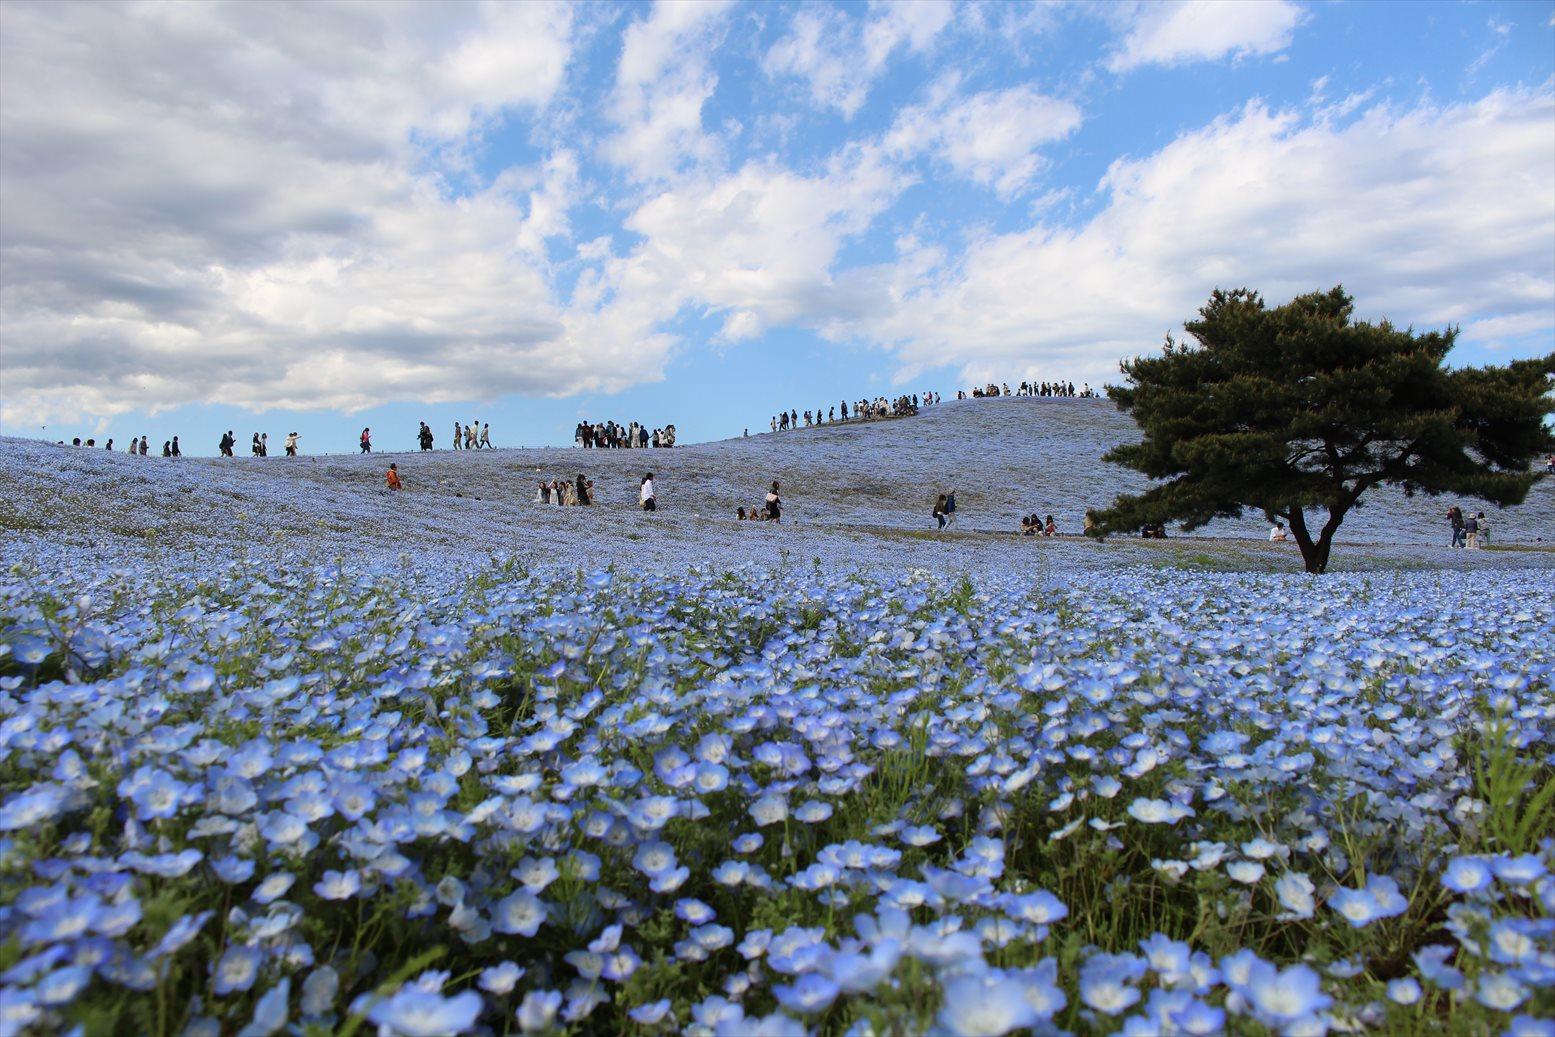 茨城なめてた こんなすごいネモフィラ畑見たことない!